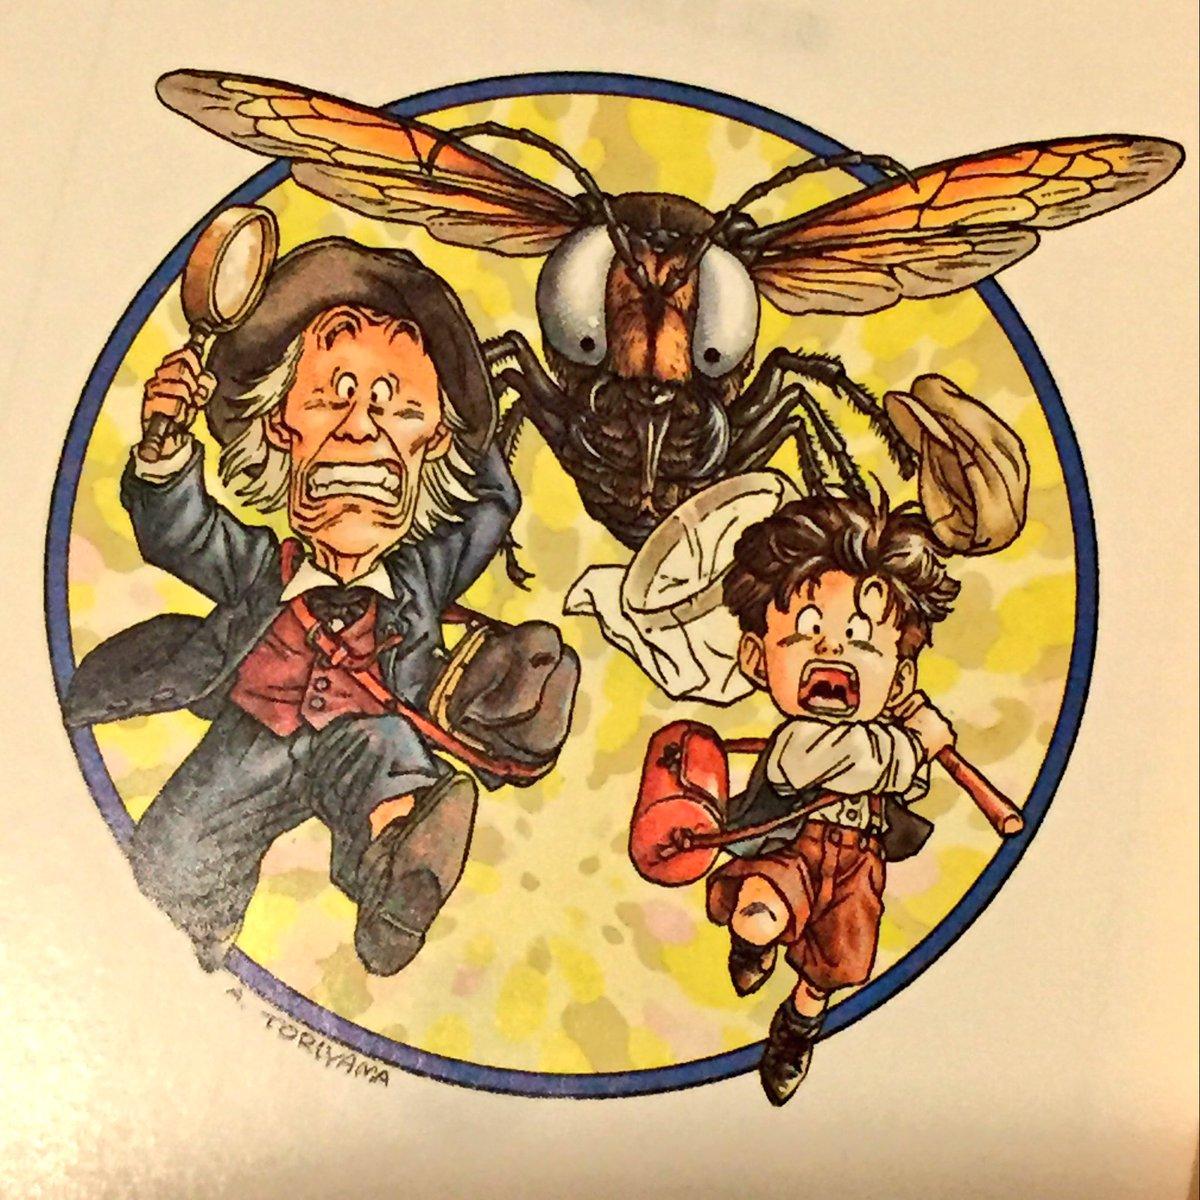 集英社文庫版のファーブル昆虫記は表紙を鳥山先生が描いていて、私はこの絵が大のお気に入りなんだけど、昔出た大全集にもこないだで出た超史集にも収録されてなくて何でや❗️ってなったの思い出したんでここに置いておきますね…